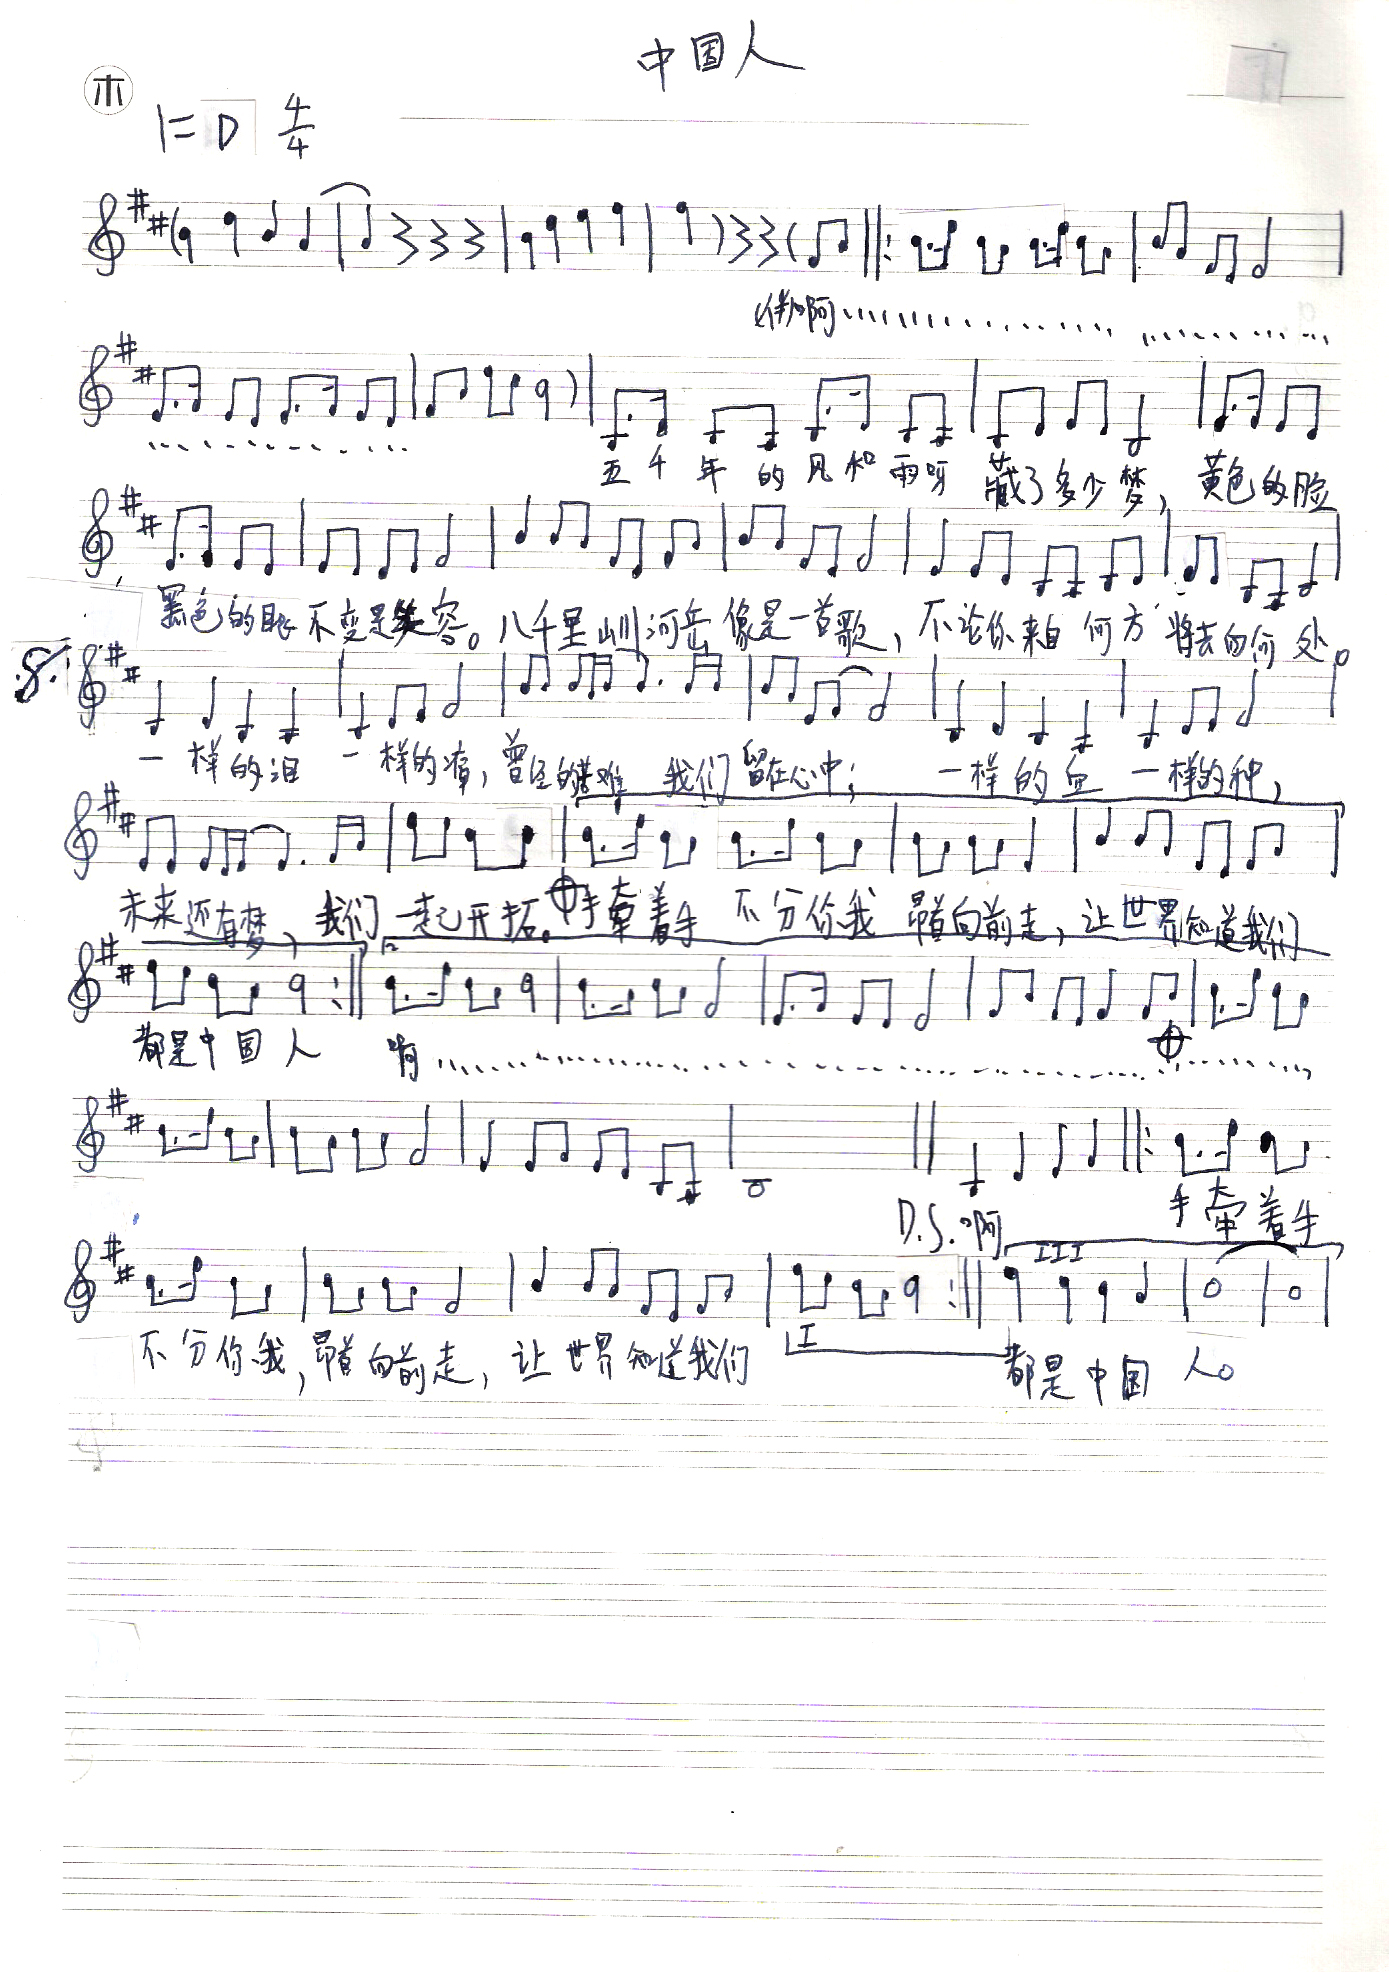 流行歌曲五线谱哪里找呀,我想找刘德华的 中国人 五线谱,哪里找呢?